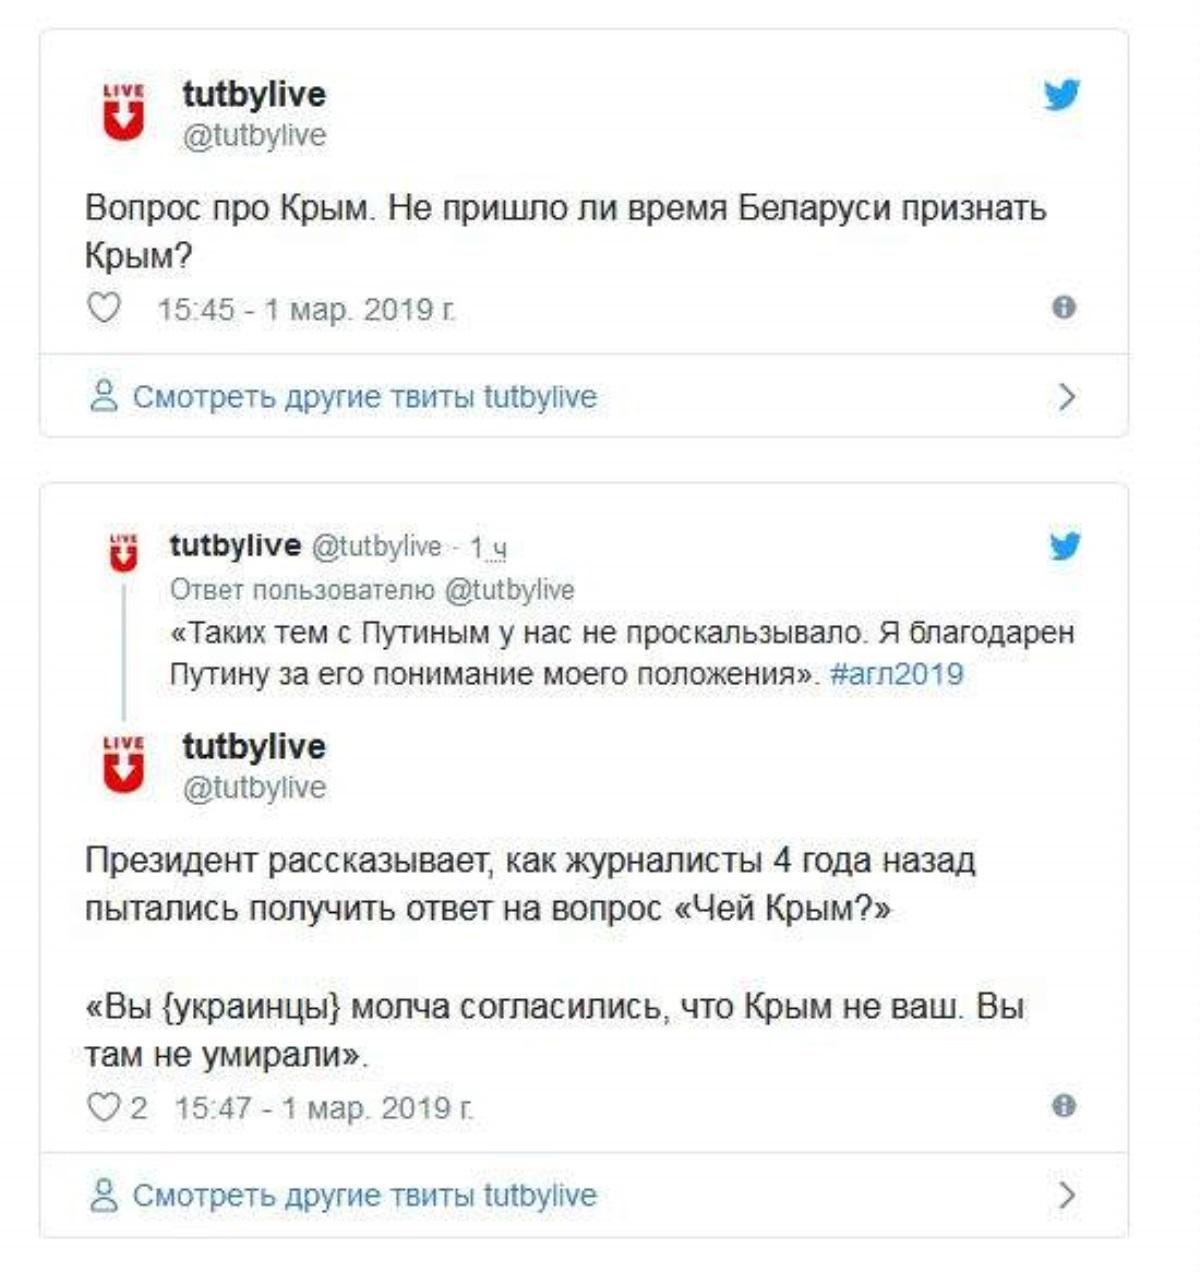 ВКремле сообщили, что РФ готова кторговле с Беларусью врублях